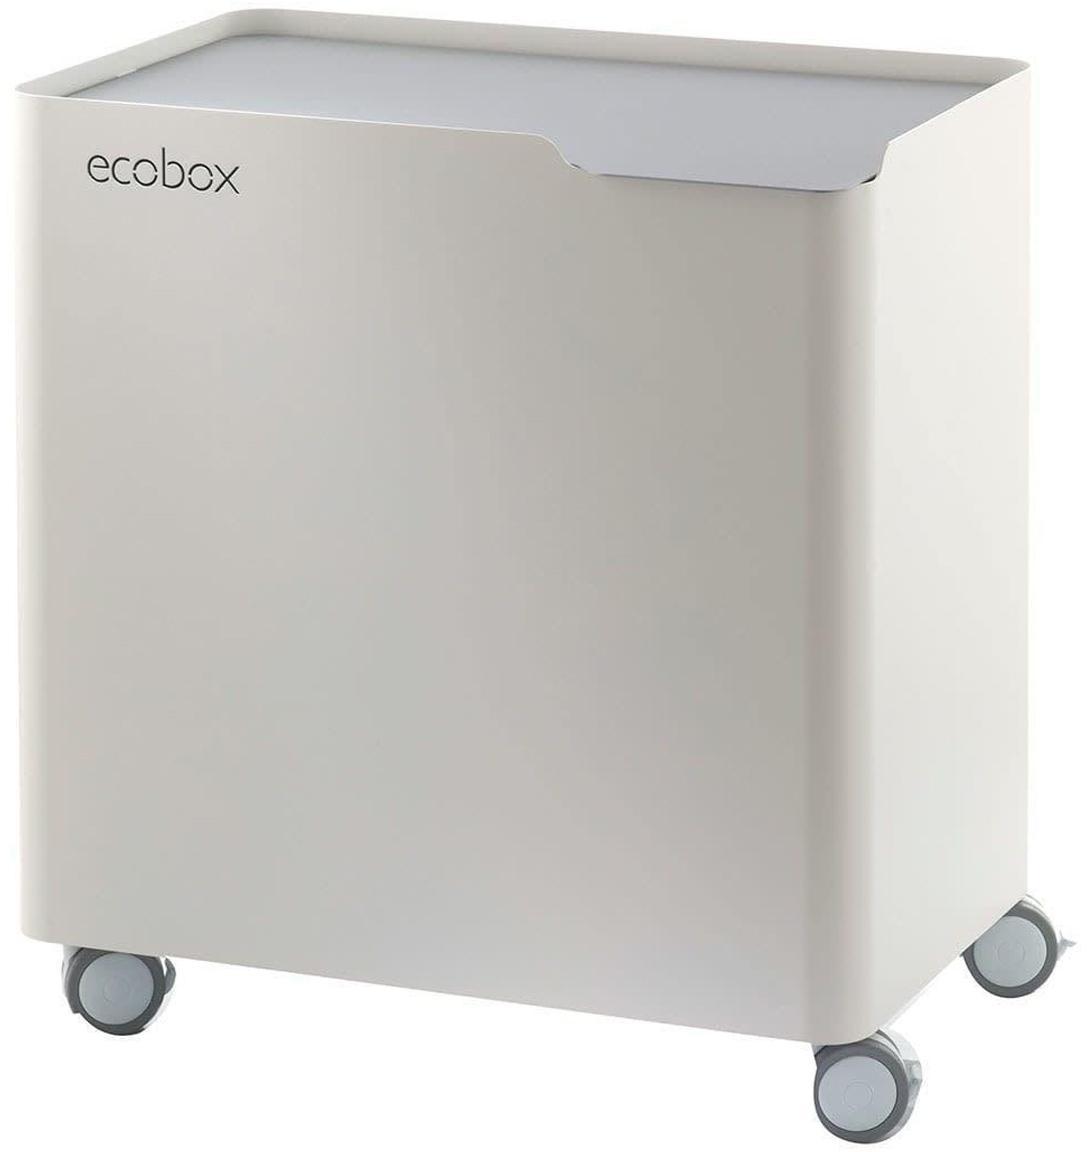 Cubo de basura para reciclar Ecobox, Acero lacado, Blanco, gris, An 59 x Al 56 cm